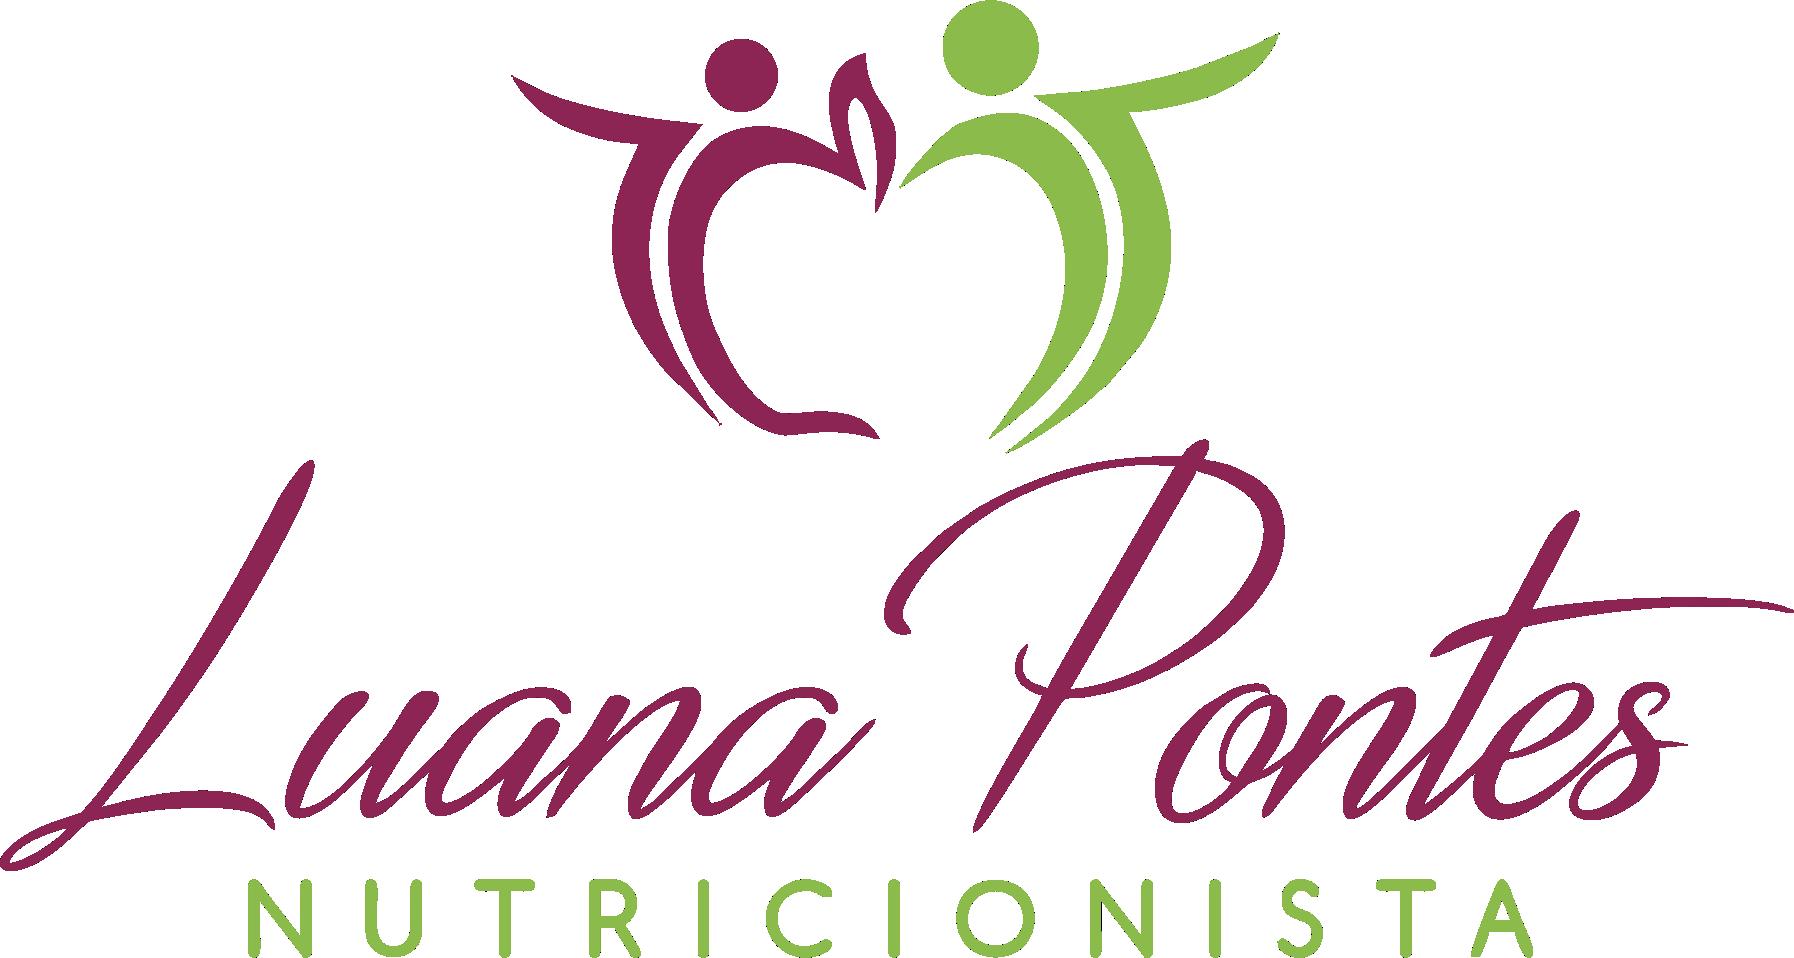 Logotipo Luana Pontes